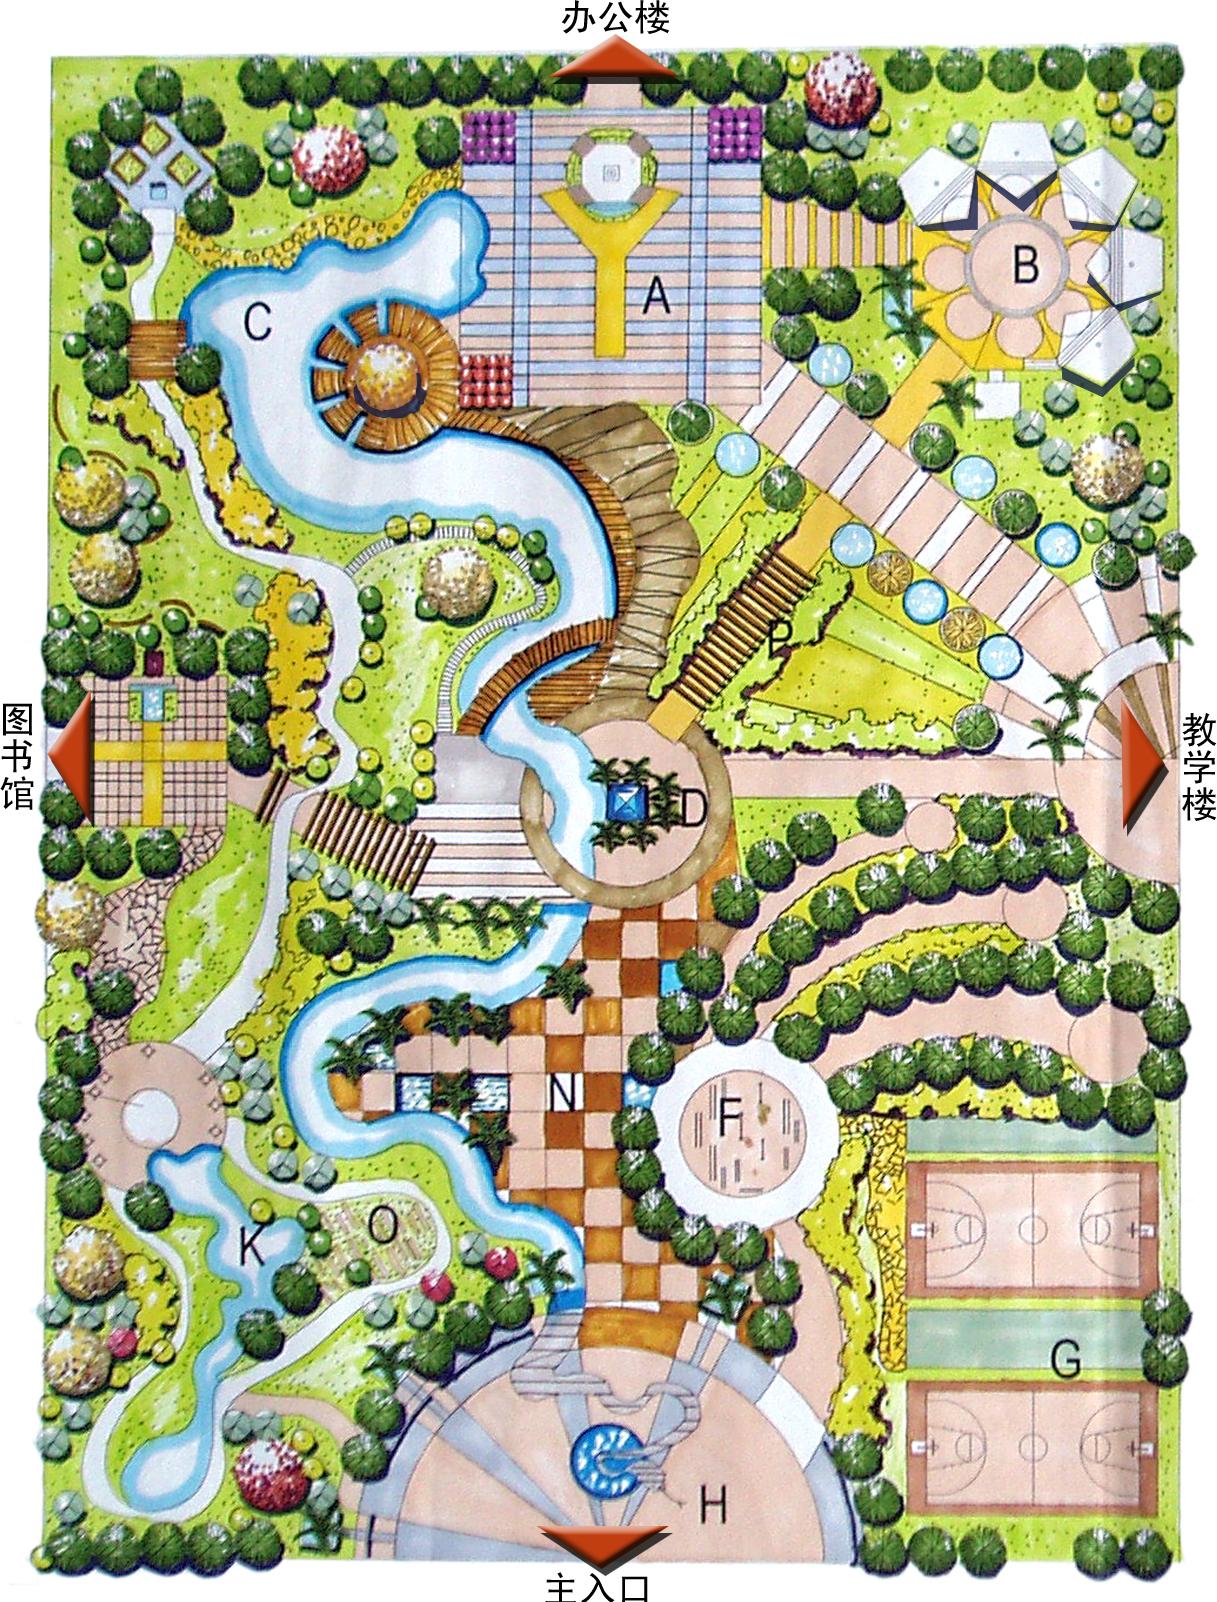 30个生态广场手绘效果图